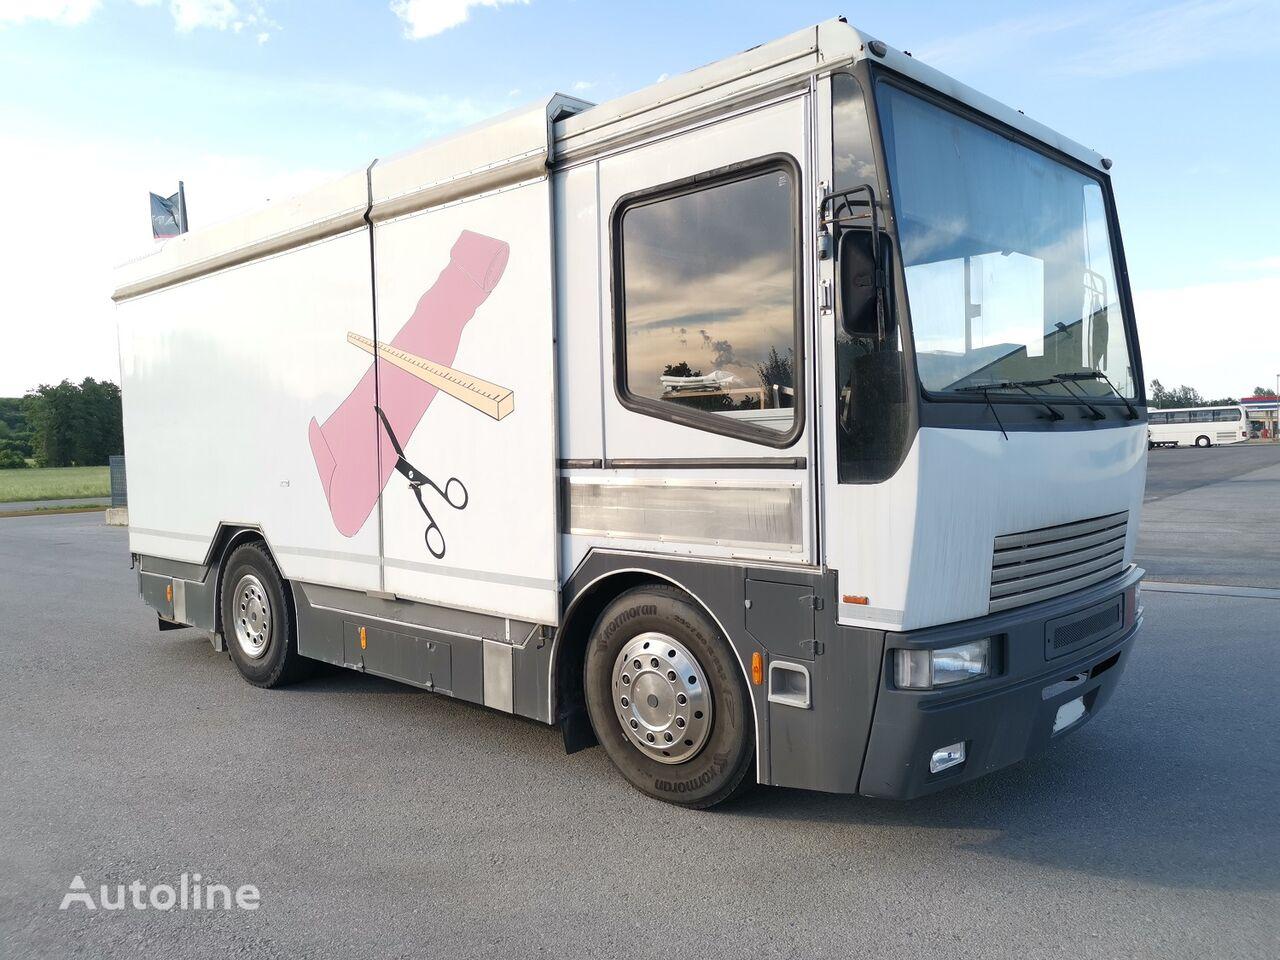 IVECO 175.24 AUTONEGOZIO vending truck